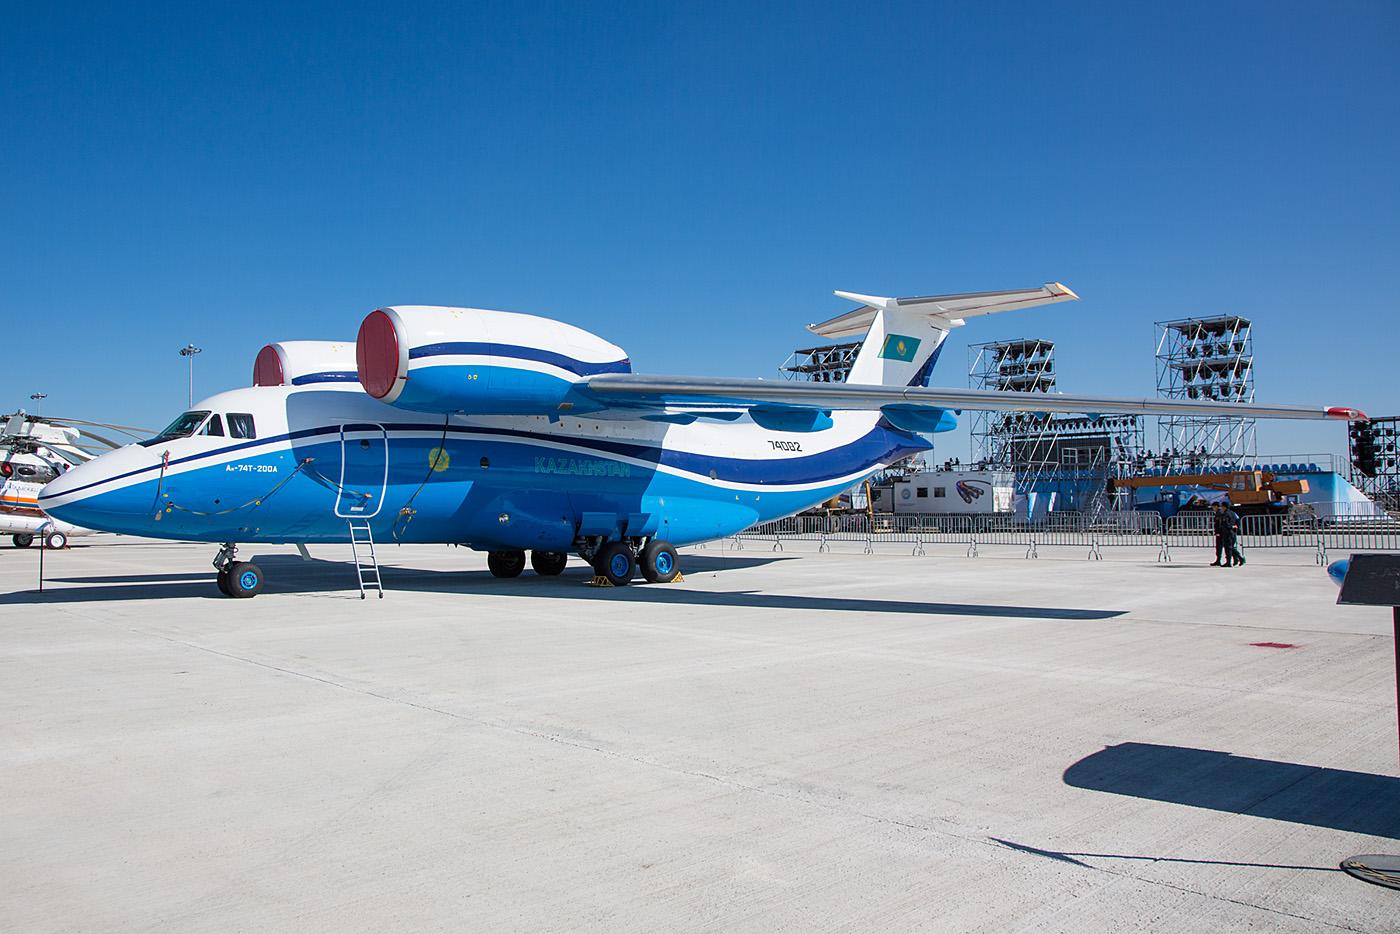 Antono An-74 des kasachsichen Grenzschutzes.